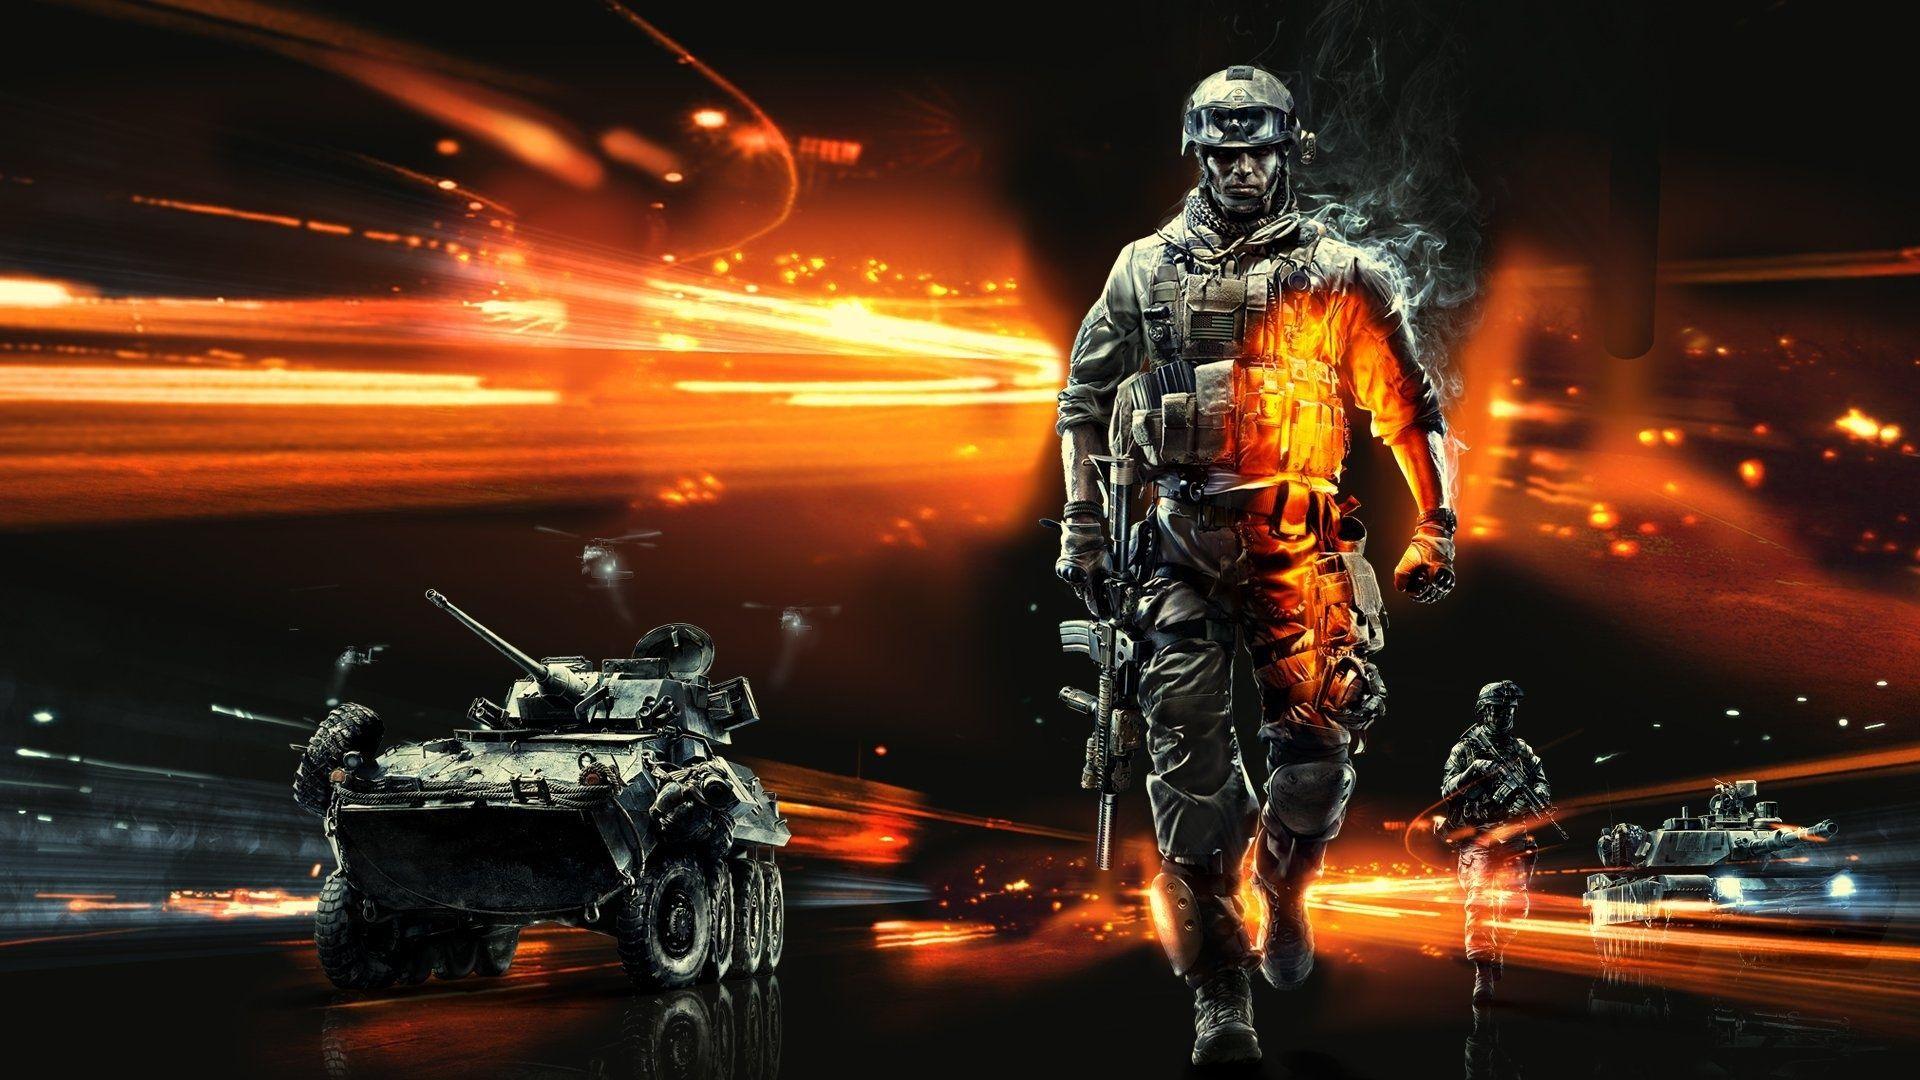 battlefield hd desktop wallpaper : widescreen : high definition